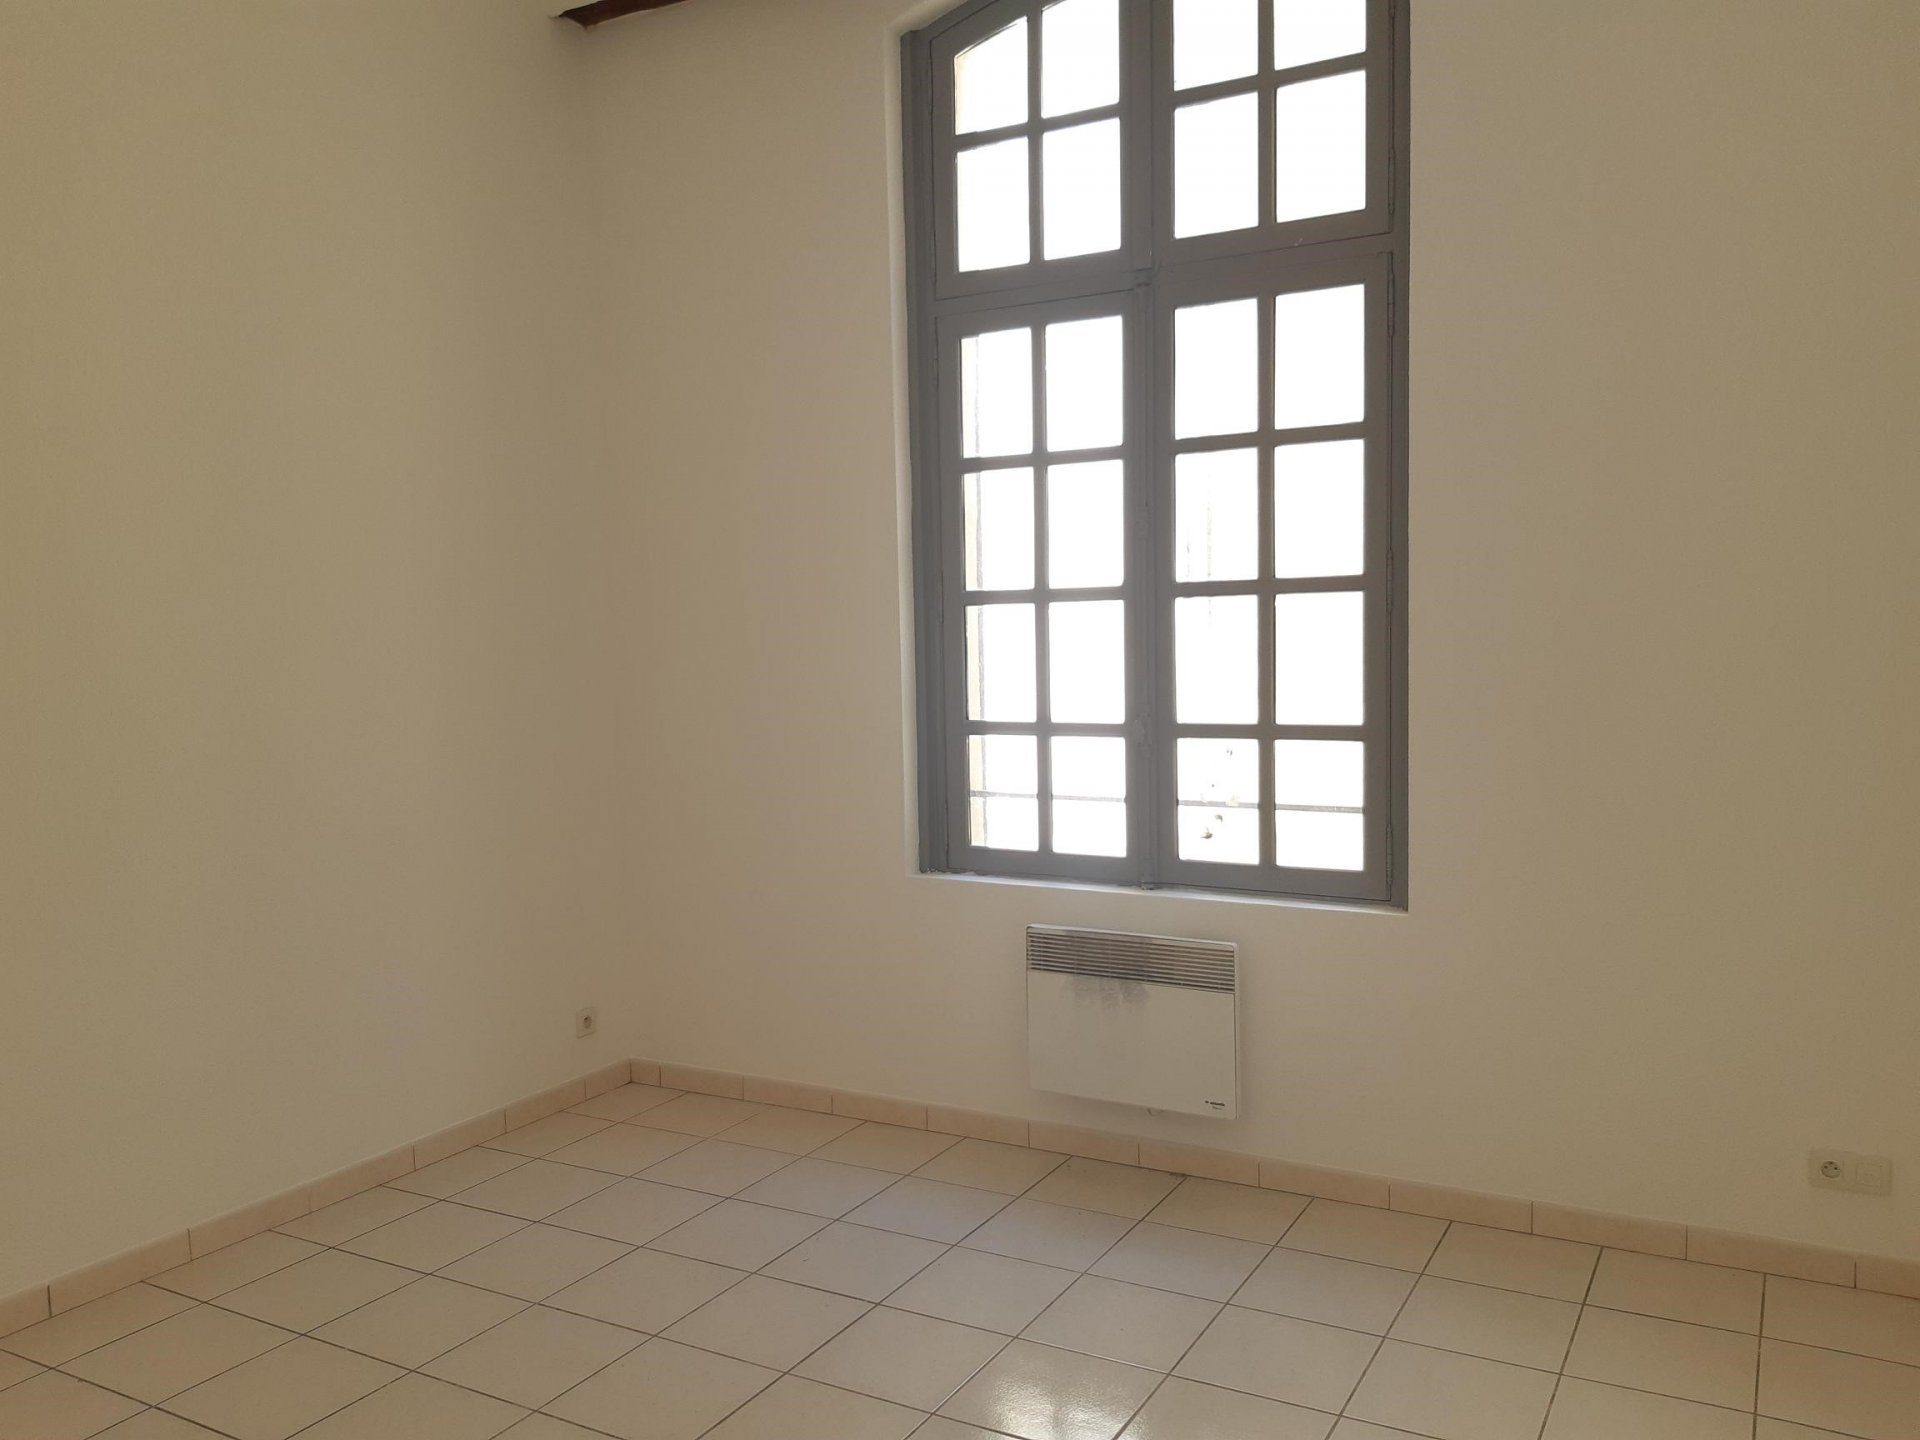 Location Appartement BEAUCAIRE surface habitable de 49 m²